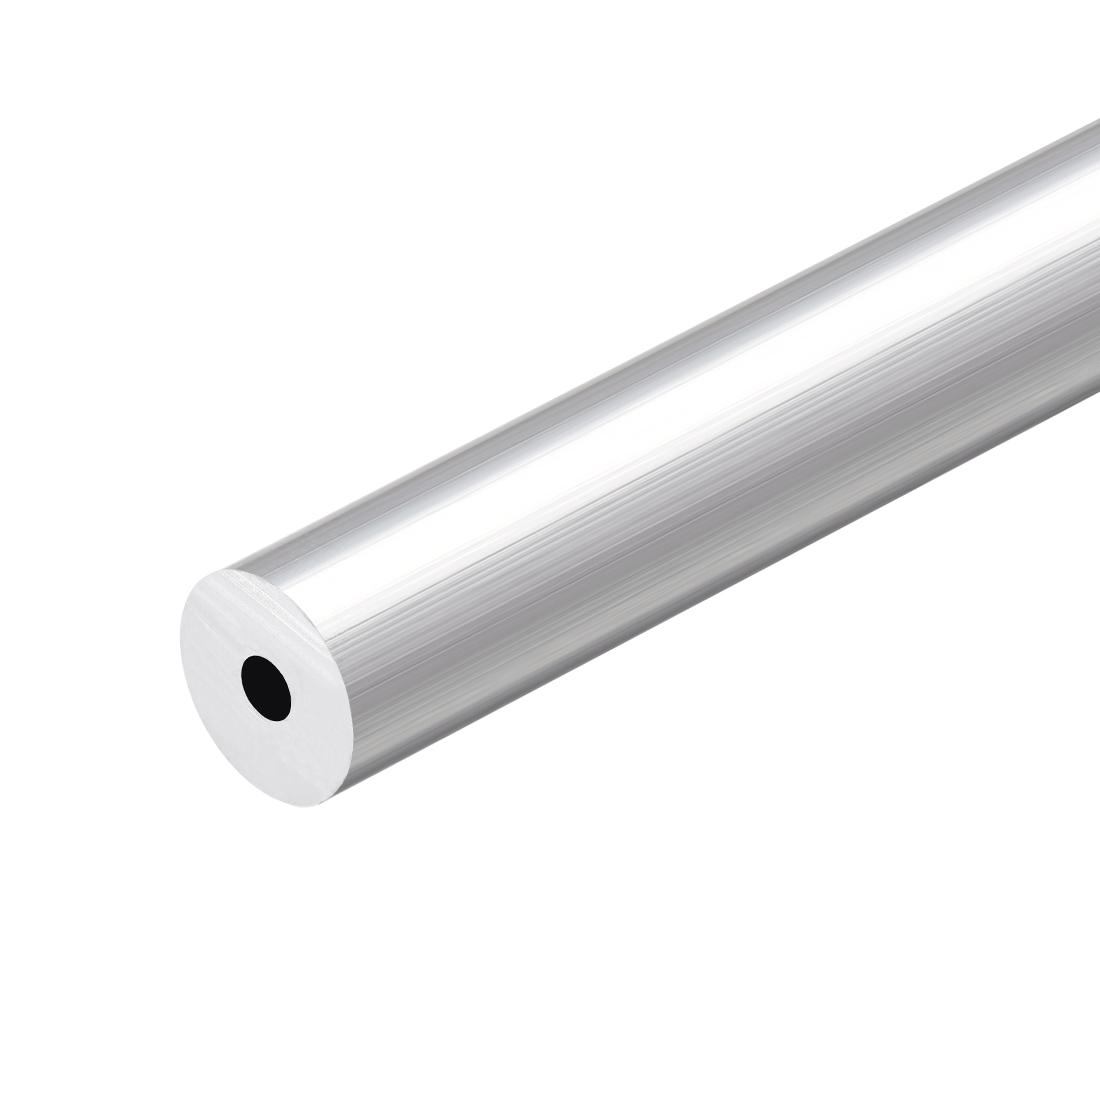 6063 Aluminum Round Tube 300mm Length 19mm OD 5.2mm Inner Dia Seamless Tubing